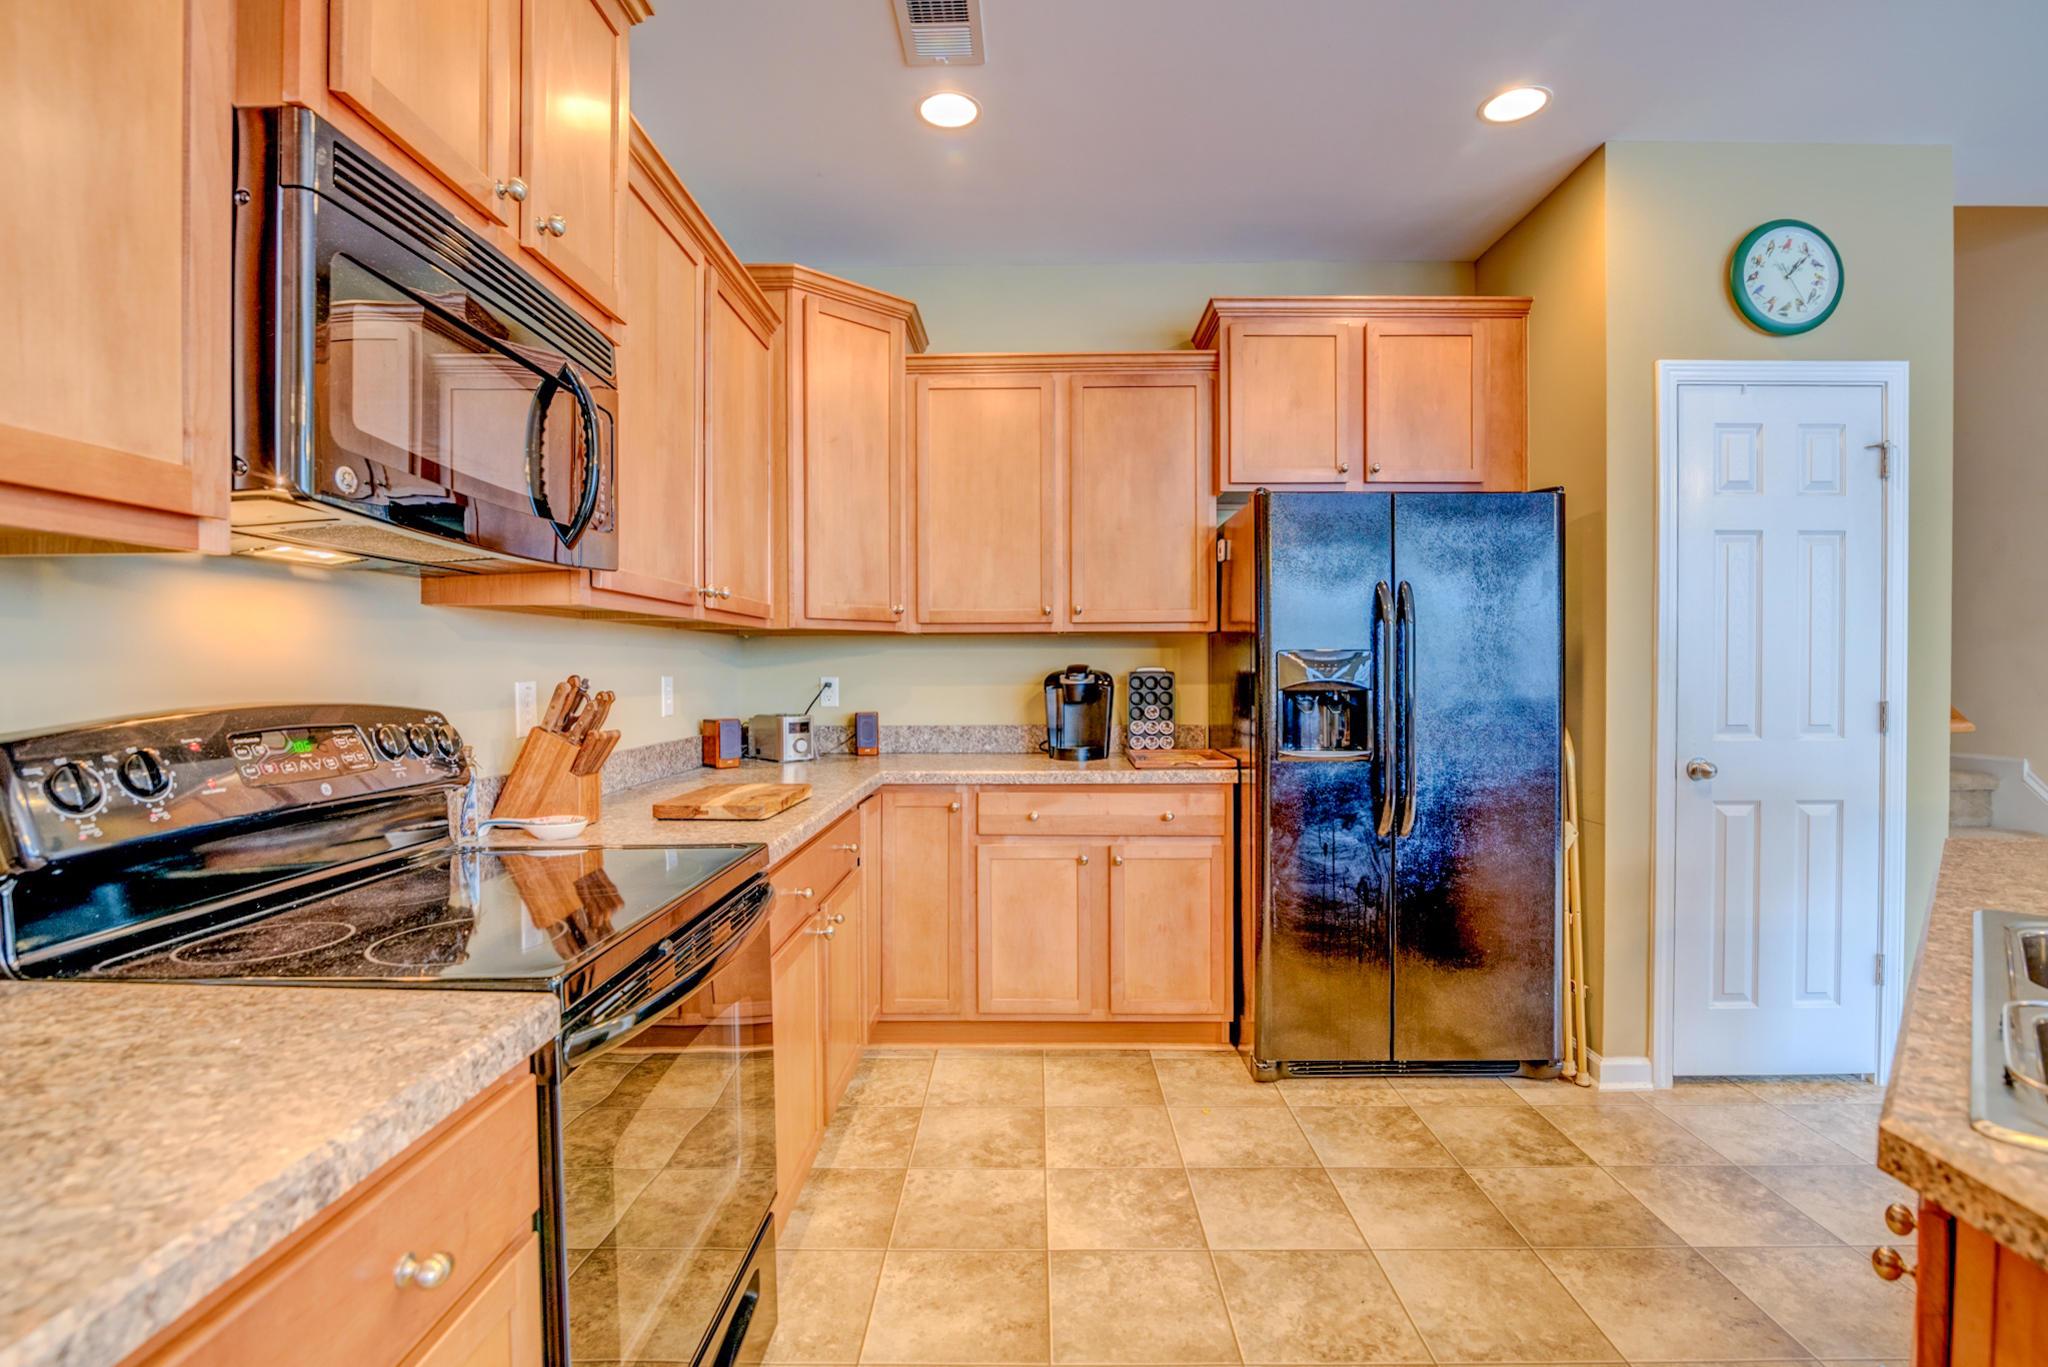 Park West Homes For Sale - 3001 Parkwest, Mount Pleasant, SC - 15